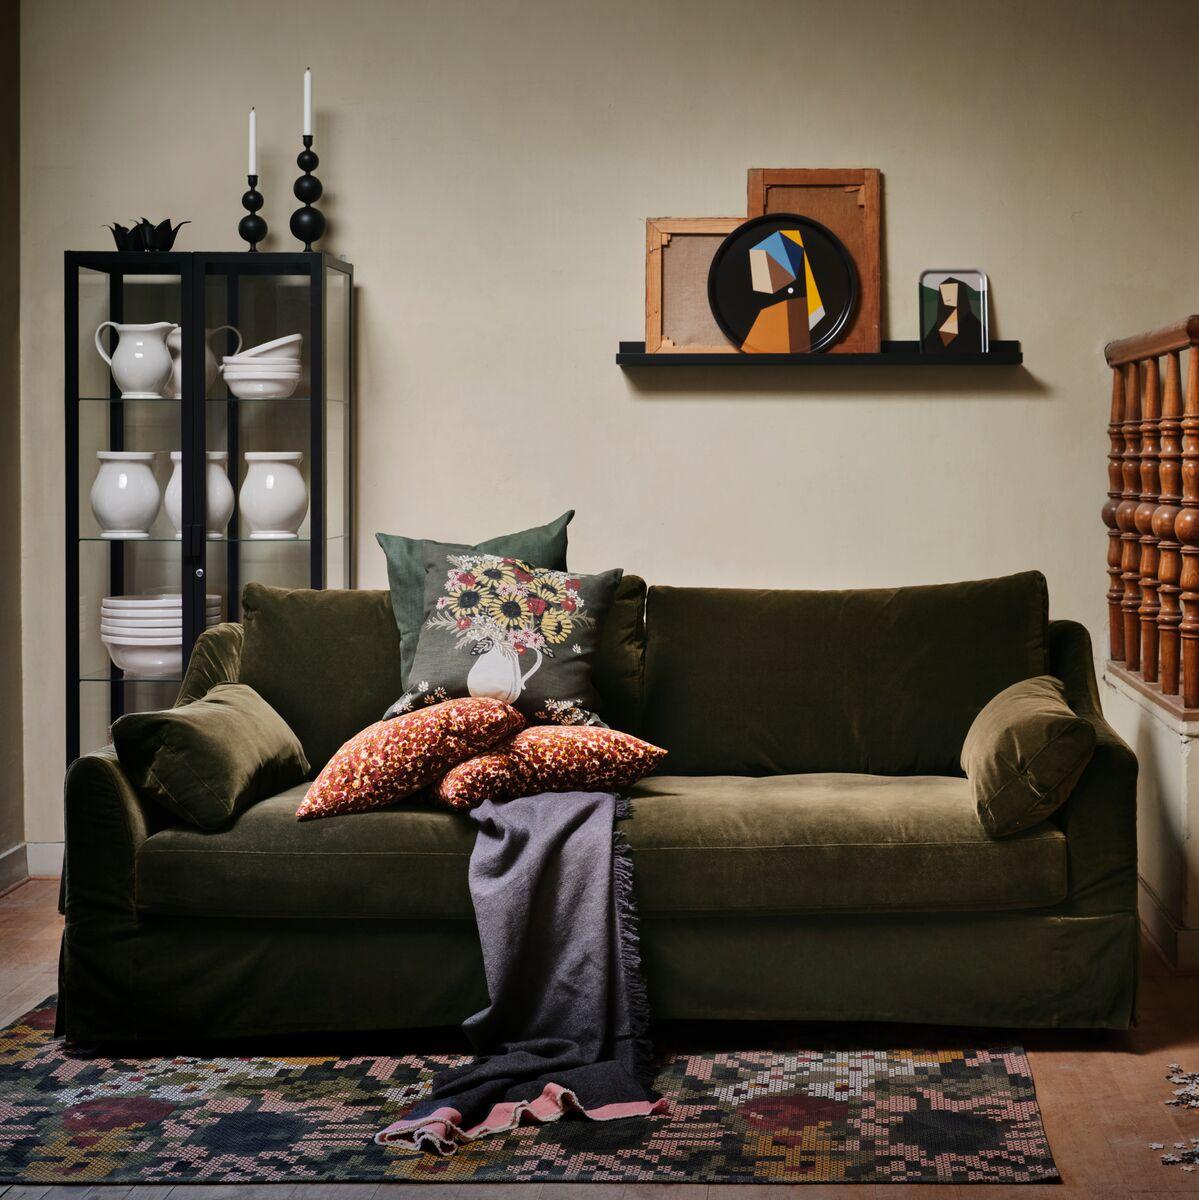 Flera föremål från IKEA DEKORERA kollektionen står i ett inbjudande vardagsrum med en mörkgrön soffa med kuddar.